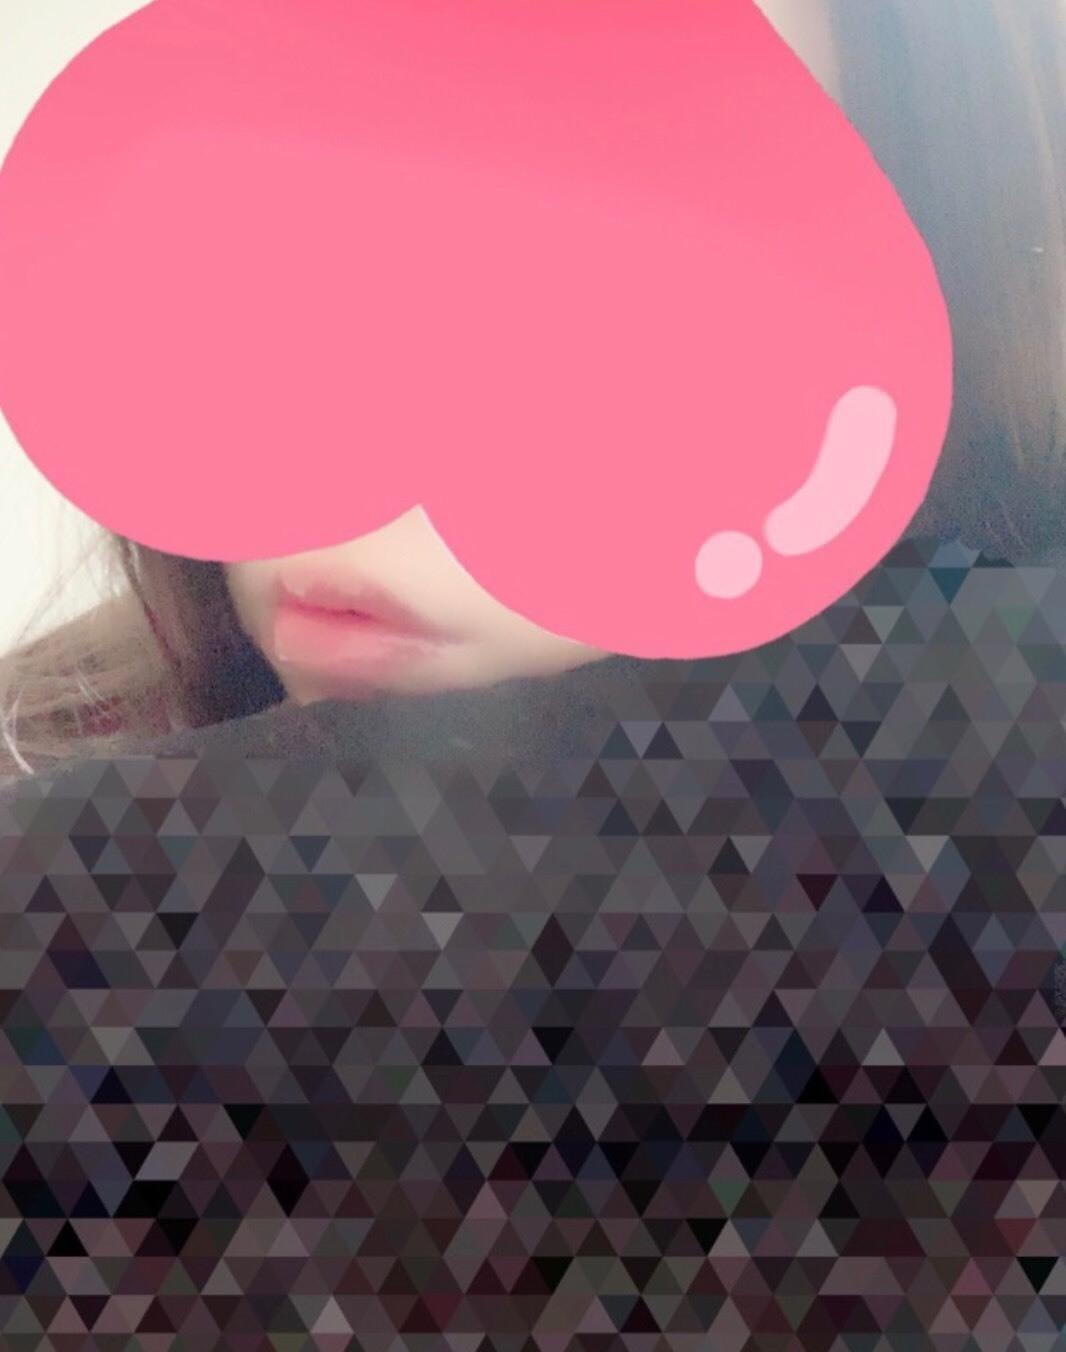 「遊んで下さいー☆」09/18(水) 11:02   ちなつの写メ・風俗動画